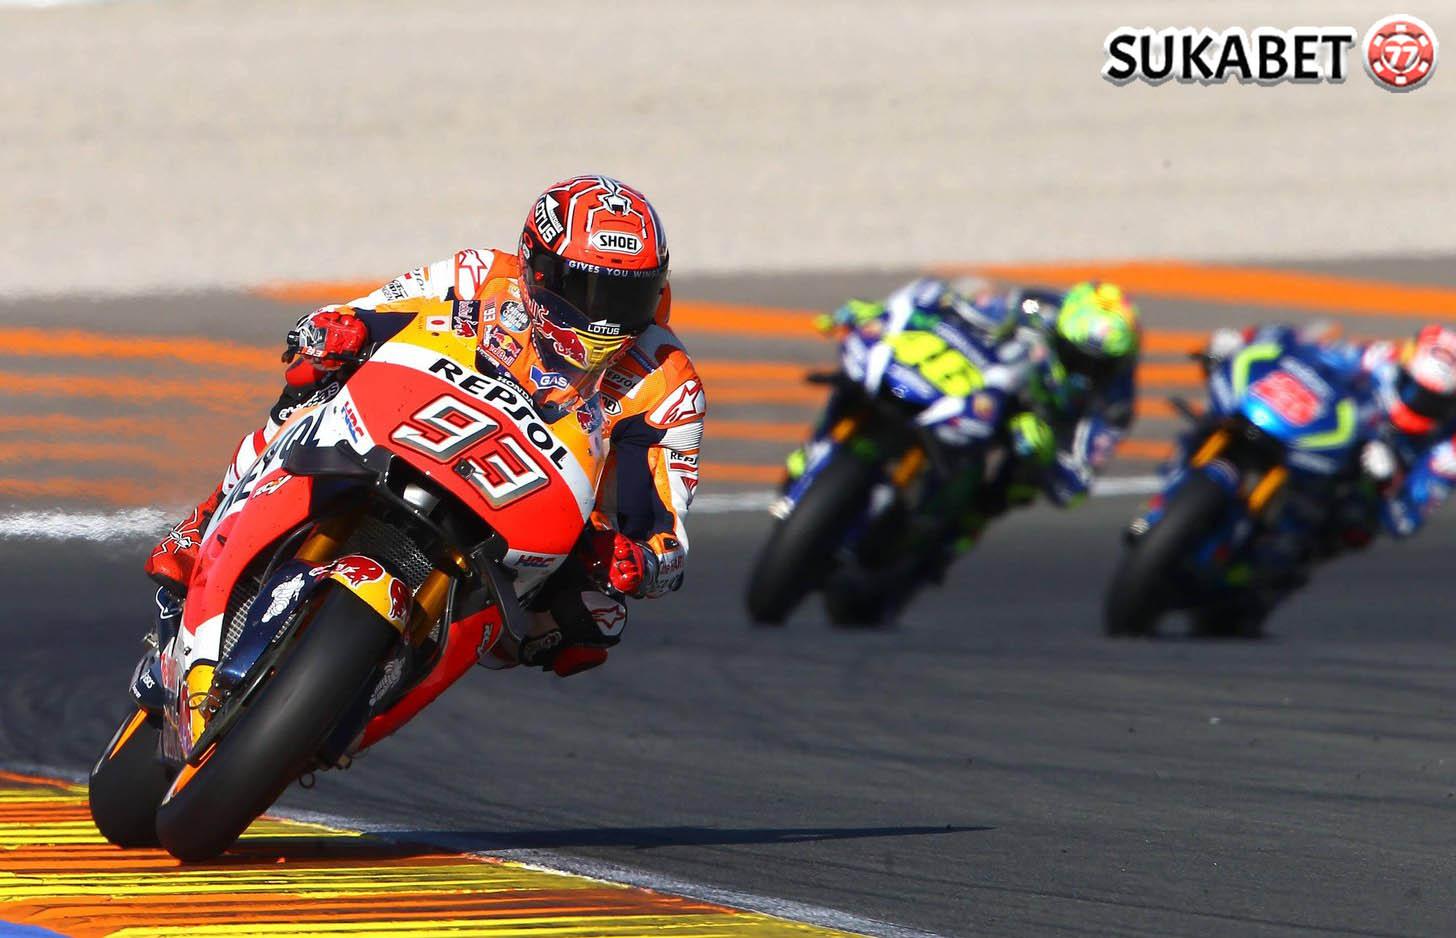 Bisakah Marquez Juara Dunia Bersama Tim Pabrikan Lain?